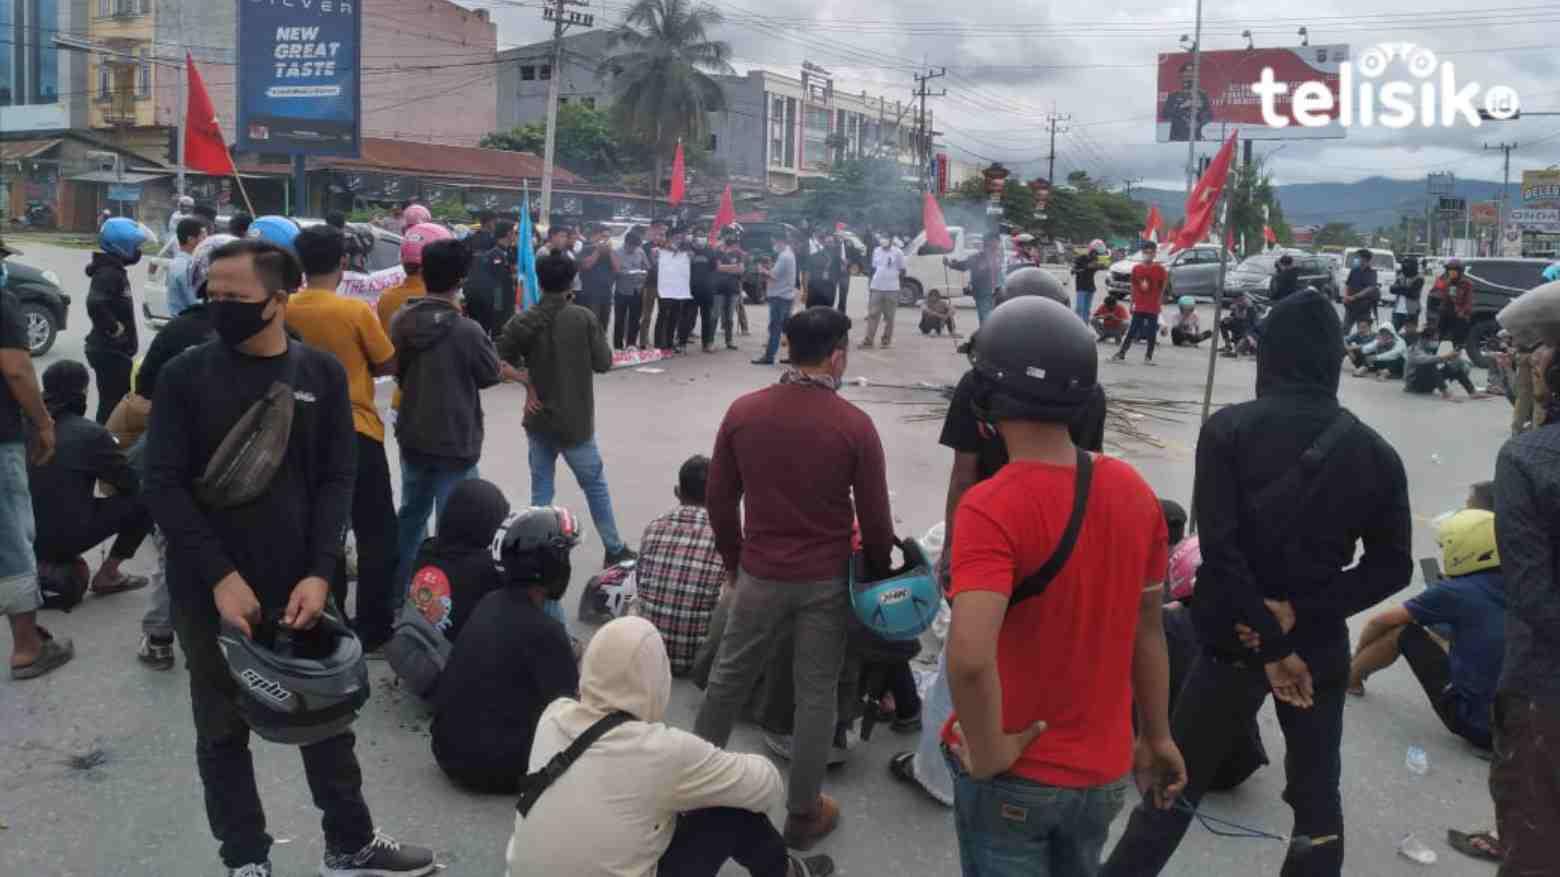 Jokowi Hadir di Kendari, Ratusan Pemuda Demo Tolak Munas Kadin